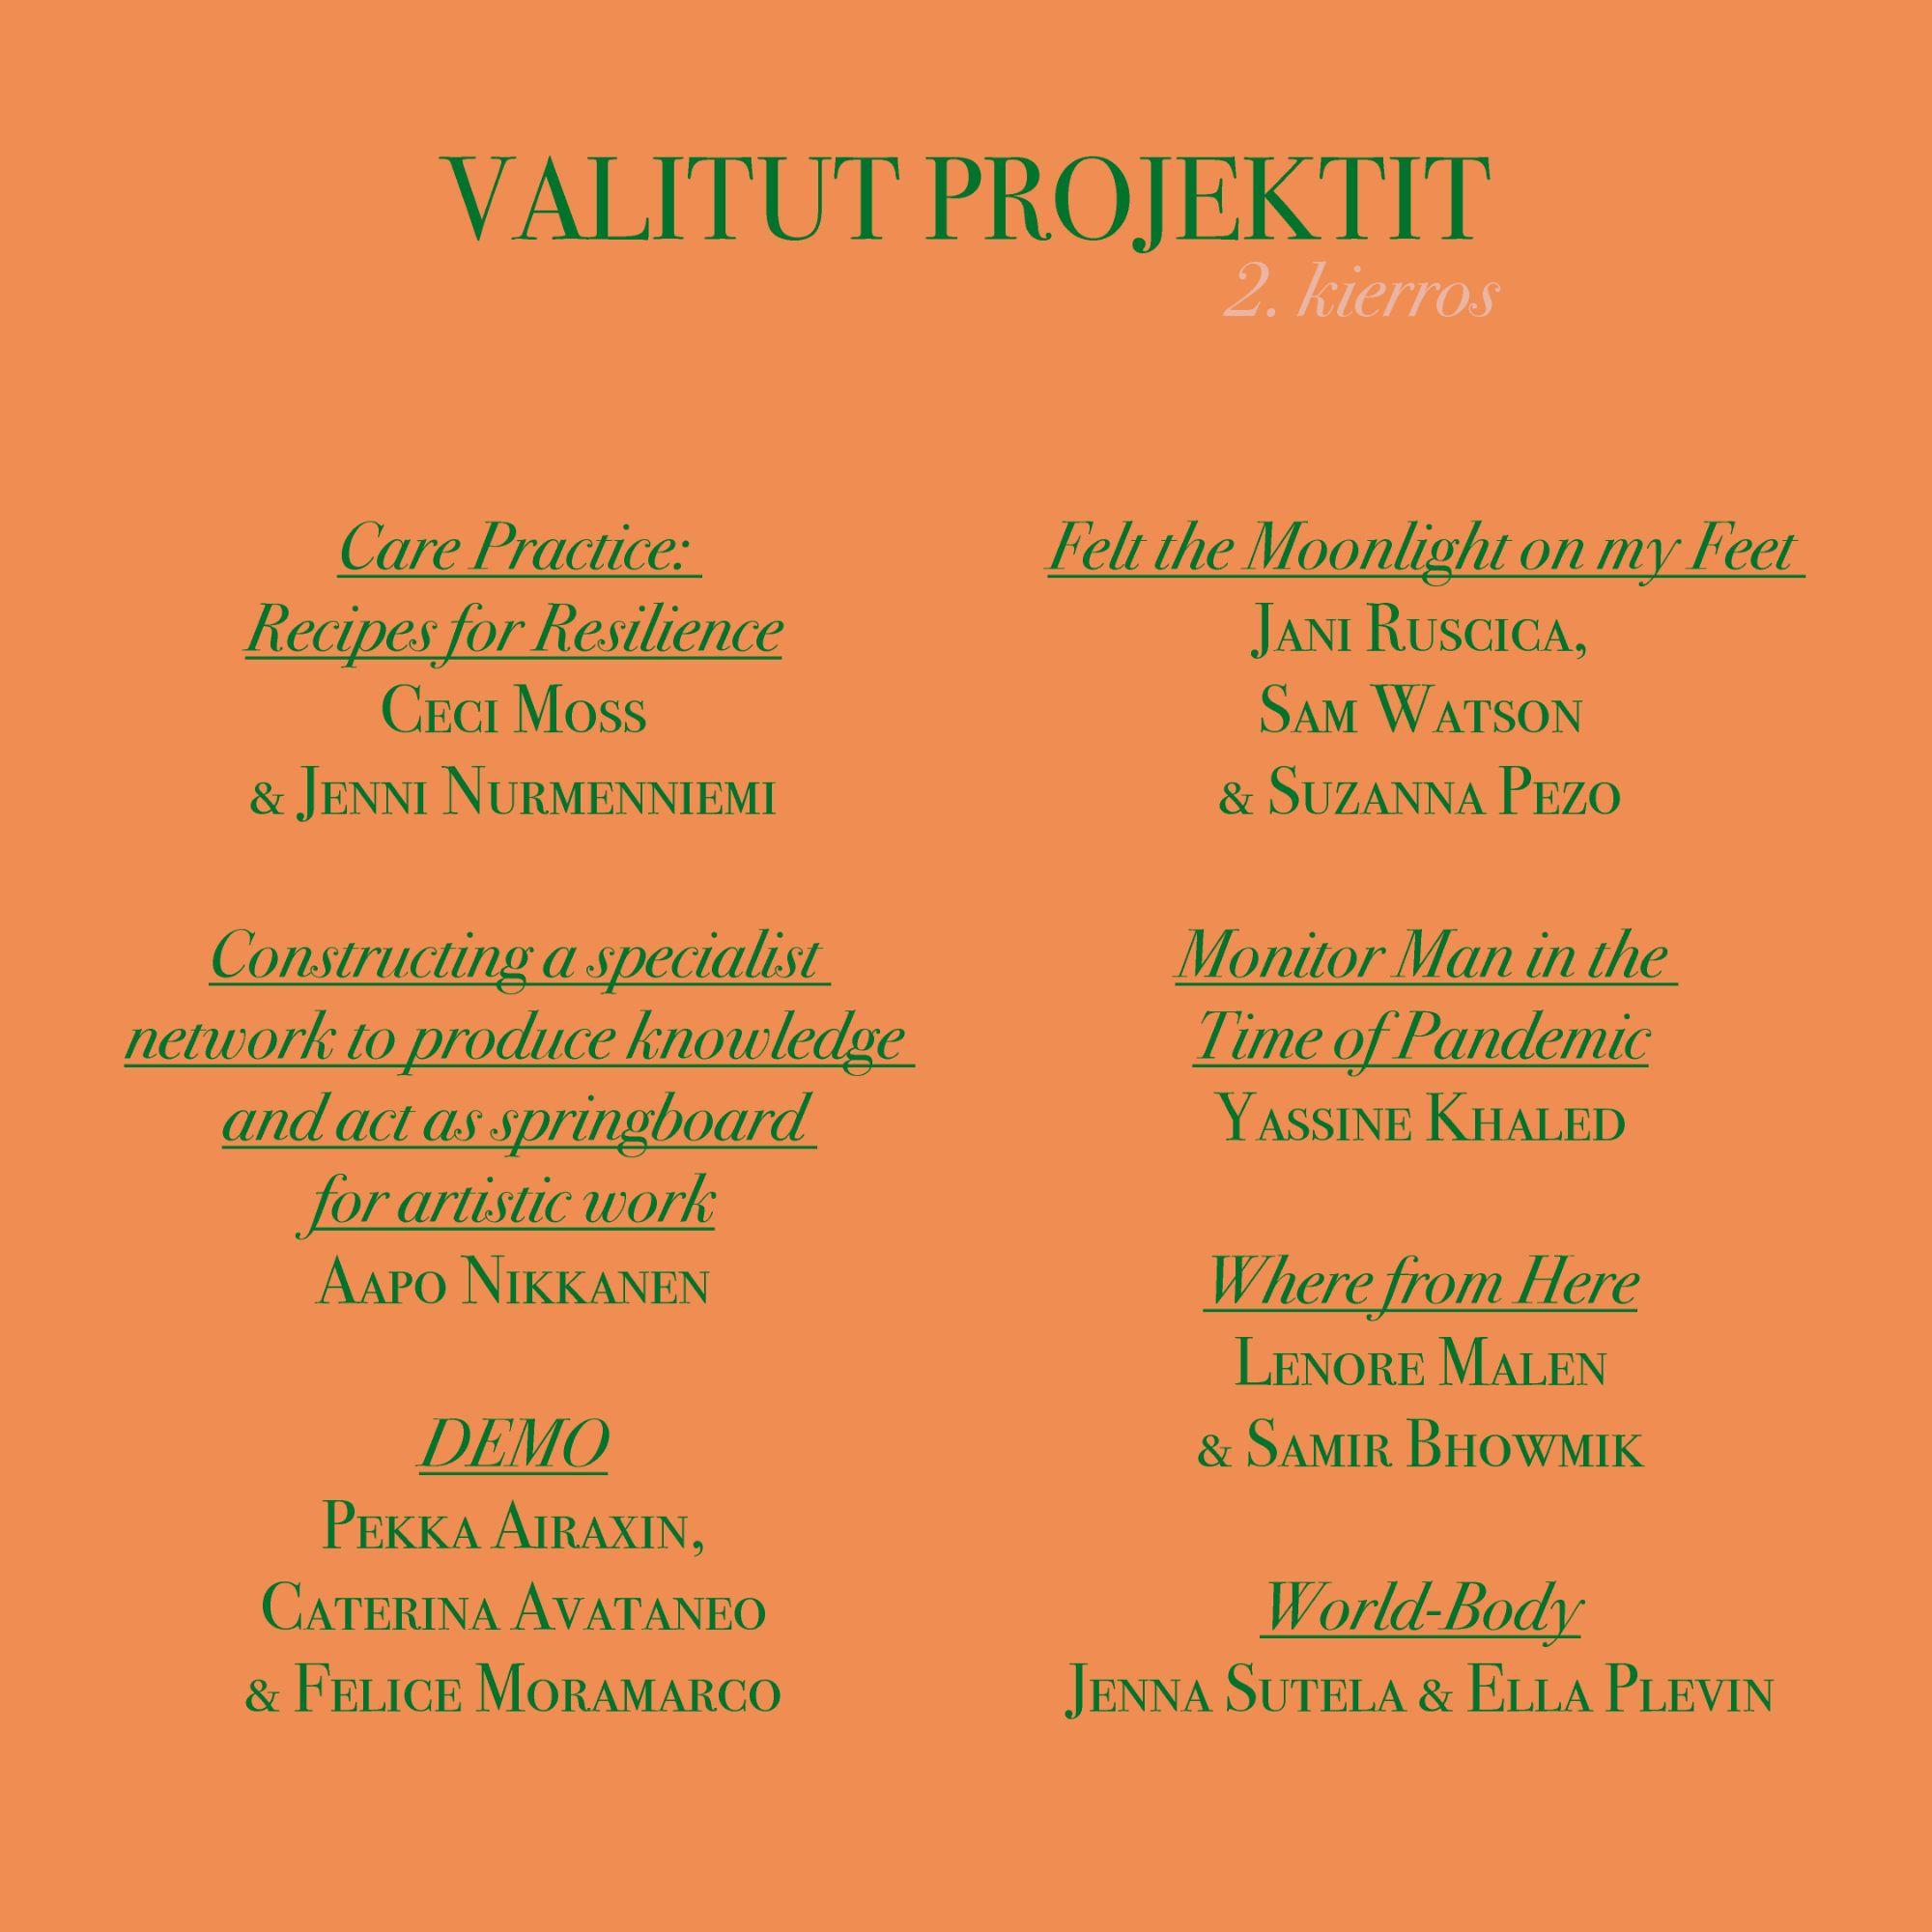 projektide nimekiri